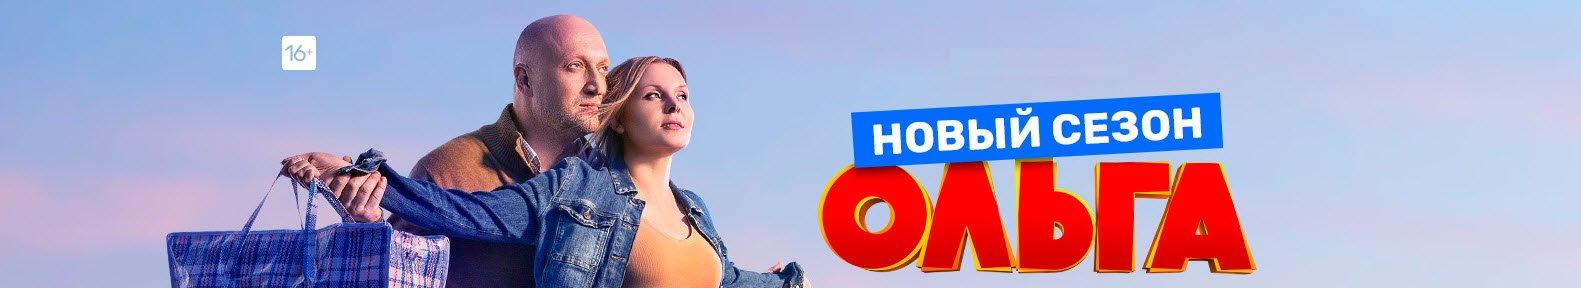 Ольга 2 сезон — смотреть онлайн сериал на ТНТ, 2017